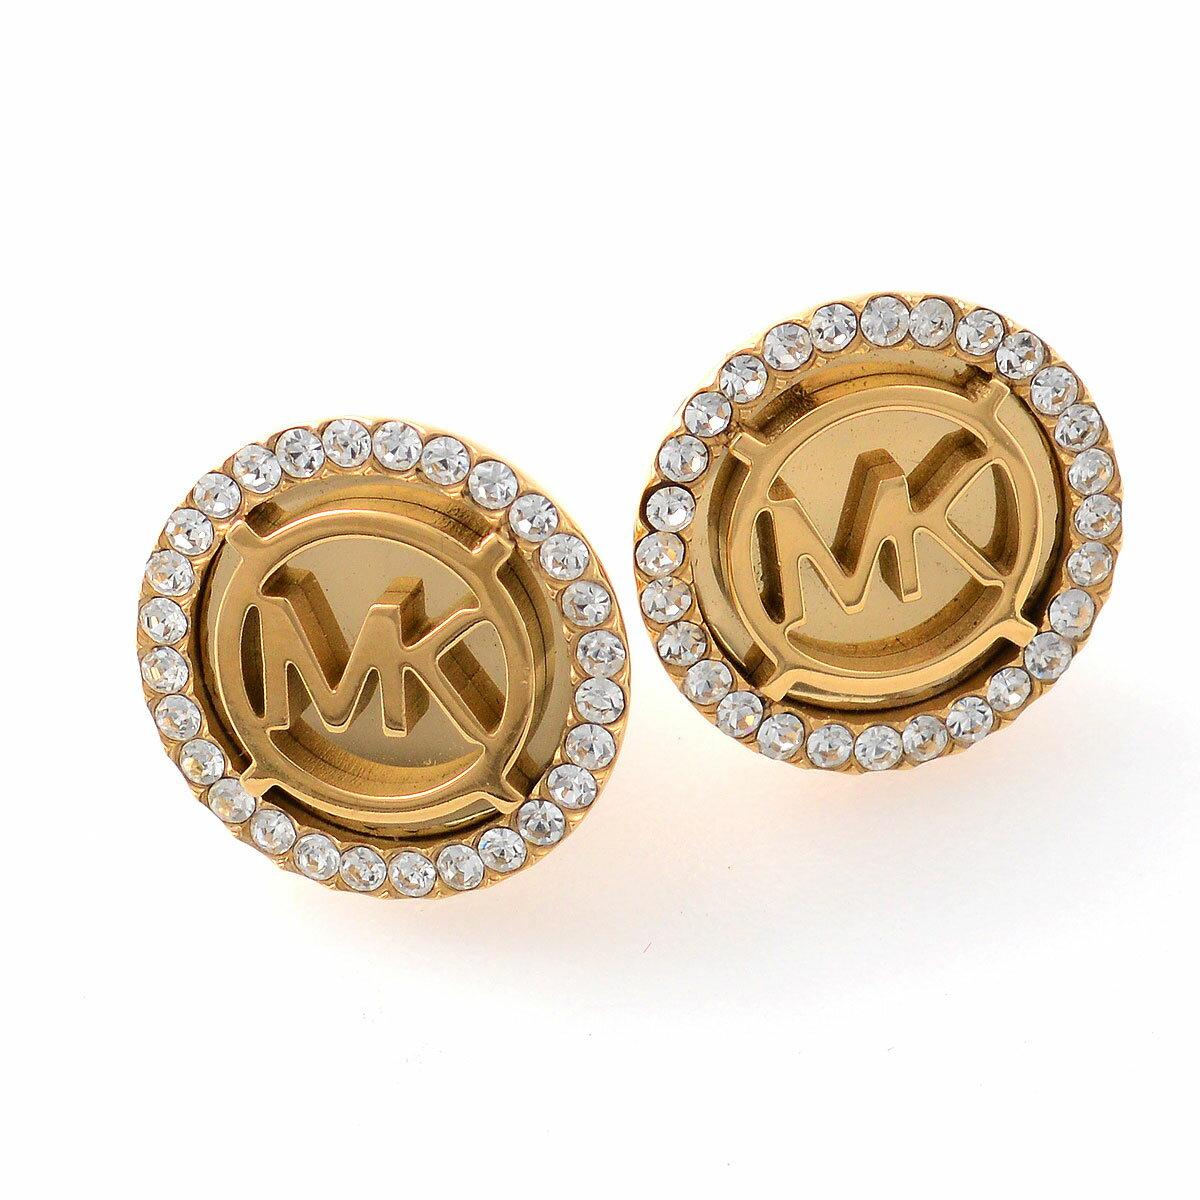 マイケルコース MICHAEL KORS パヴェ ロゴ ディスク ピアス Monogram Pave Logo Gold-Tone Stud Earrings MKJ2941710 ピアス